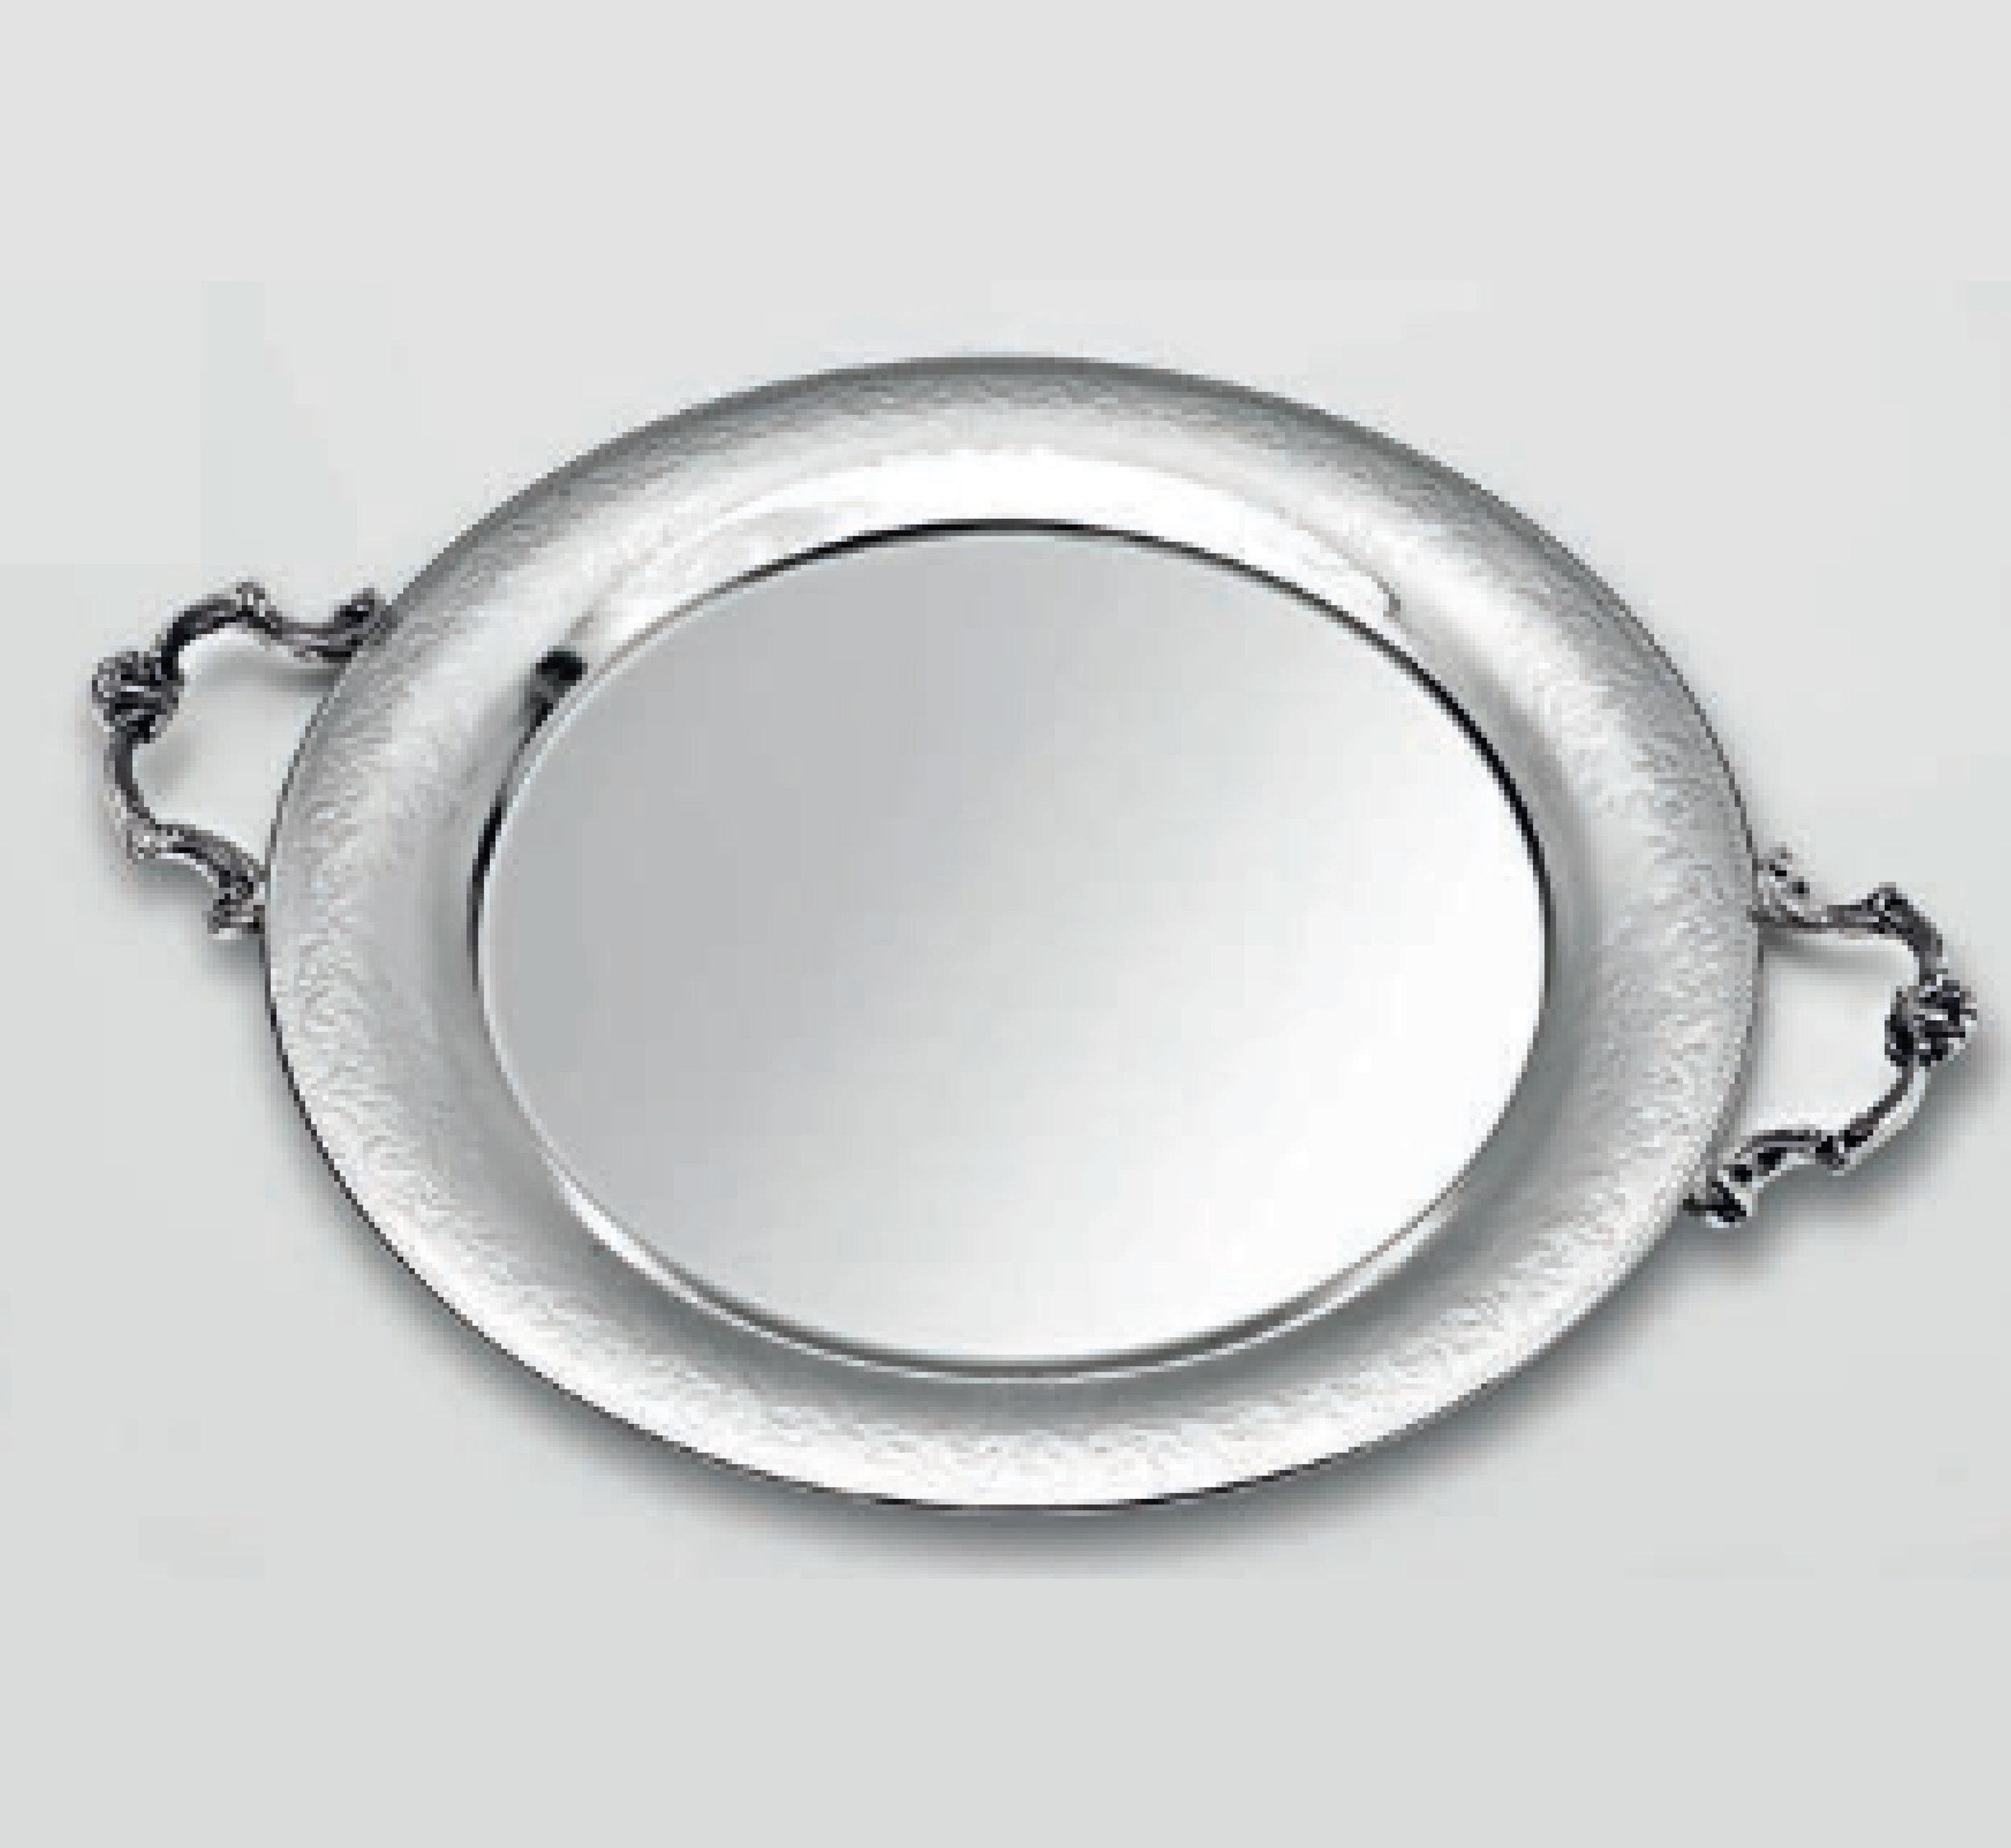 Δίσκος_003 / Τιμή : 105,00€